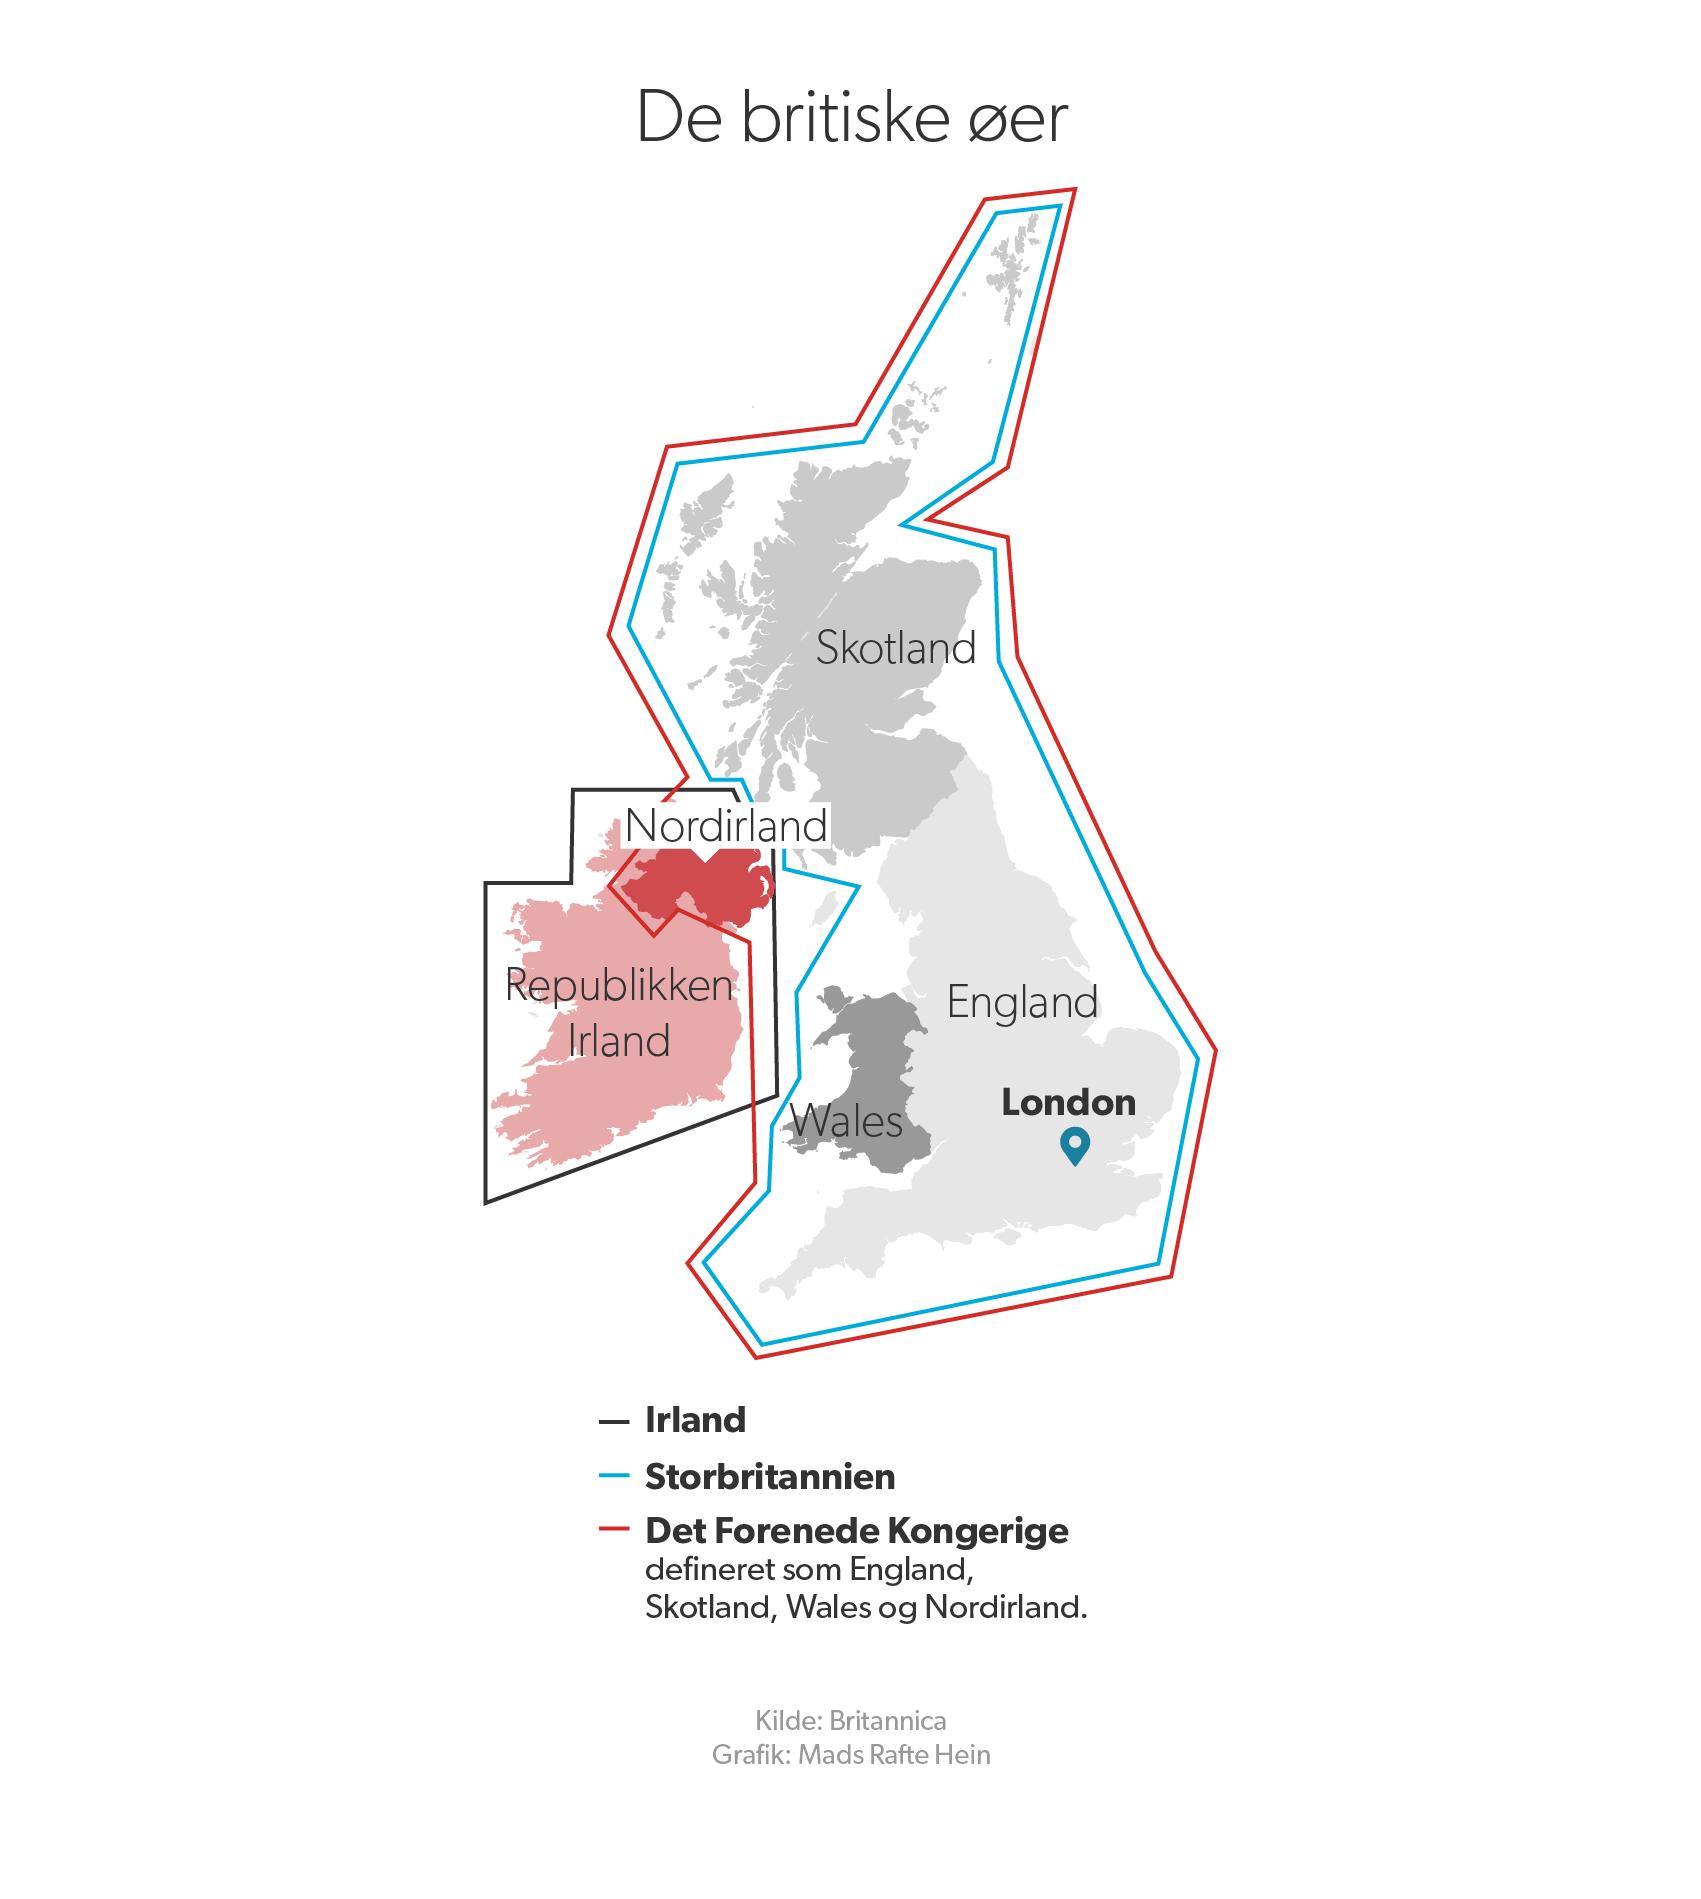 Nordirland er en del af Det Forenede Kongerige sammen med Wales, Skotland og England.